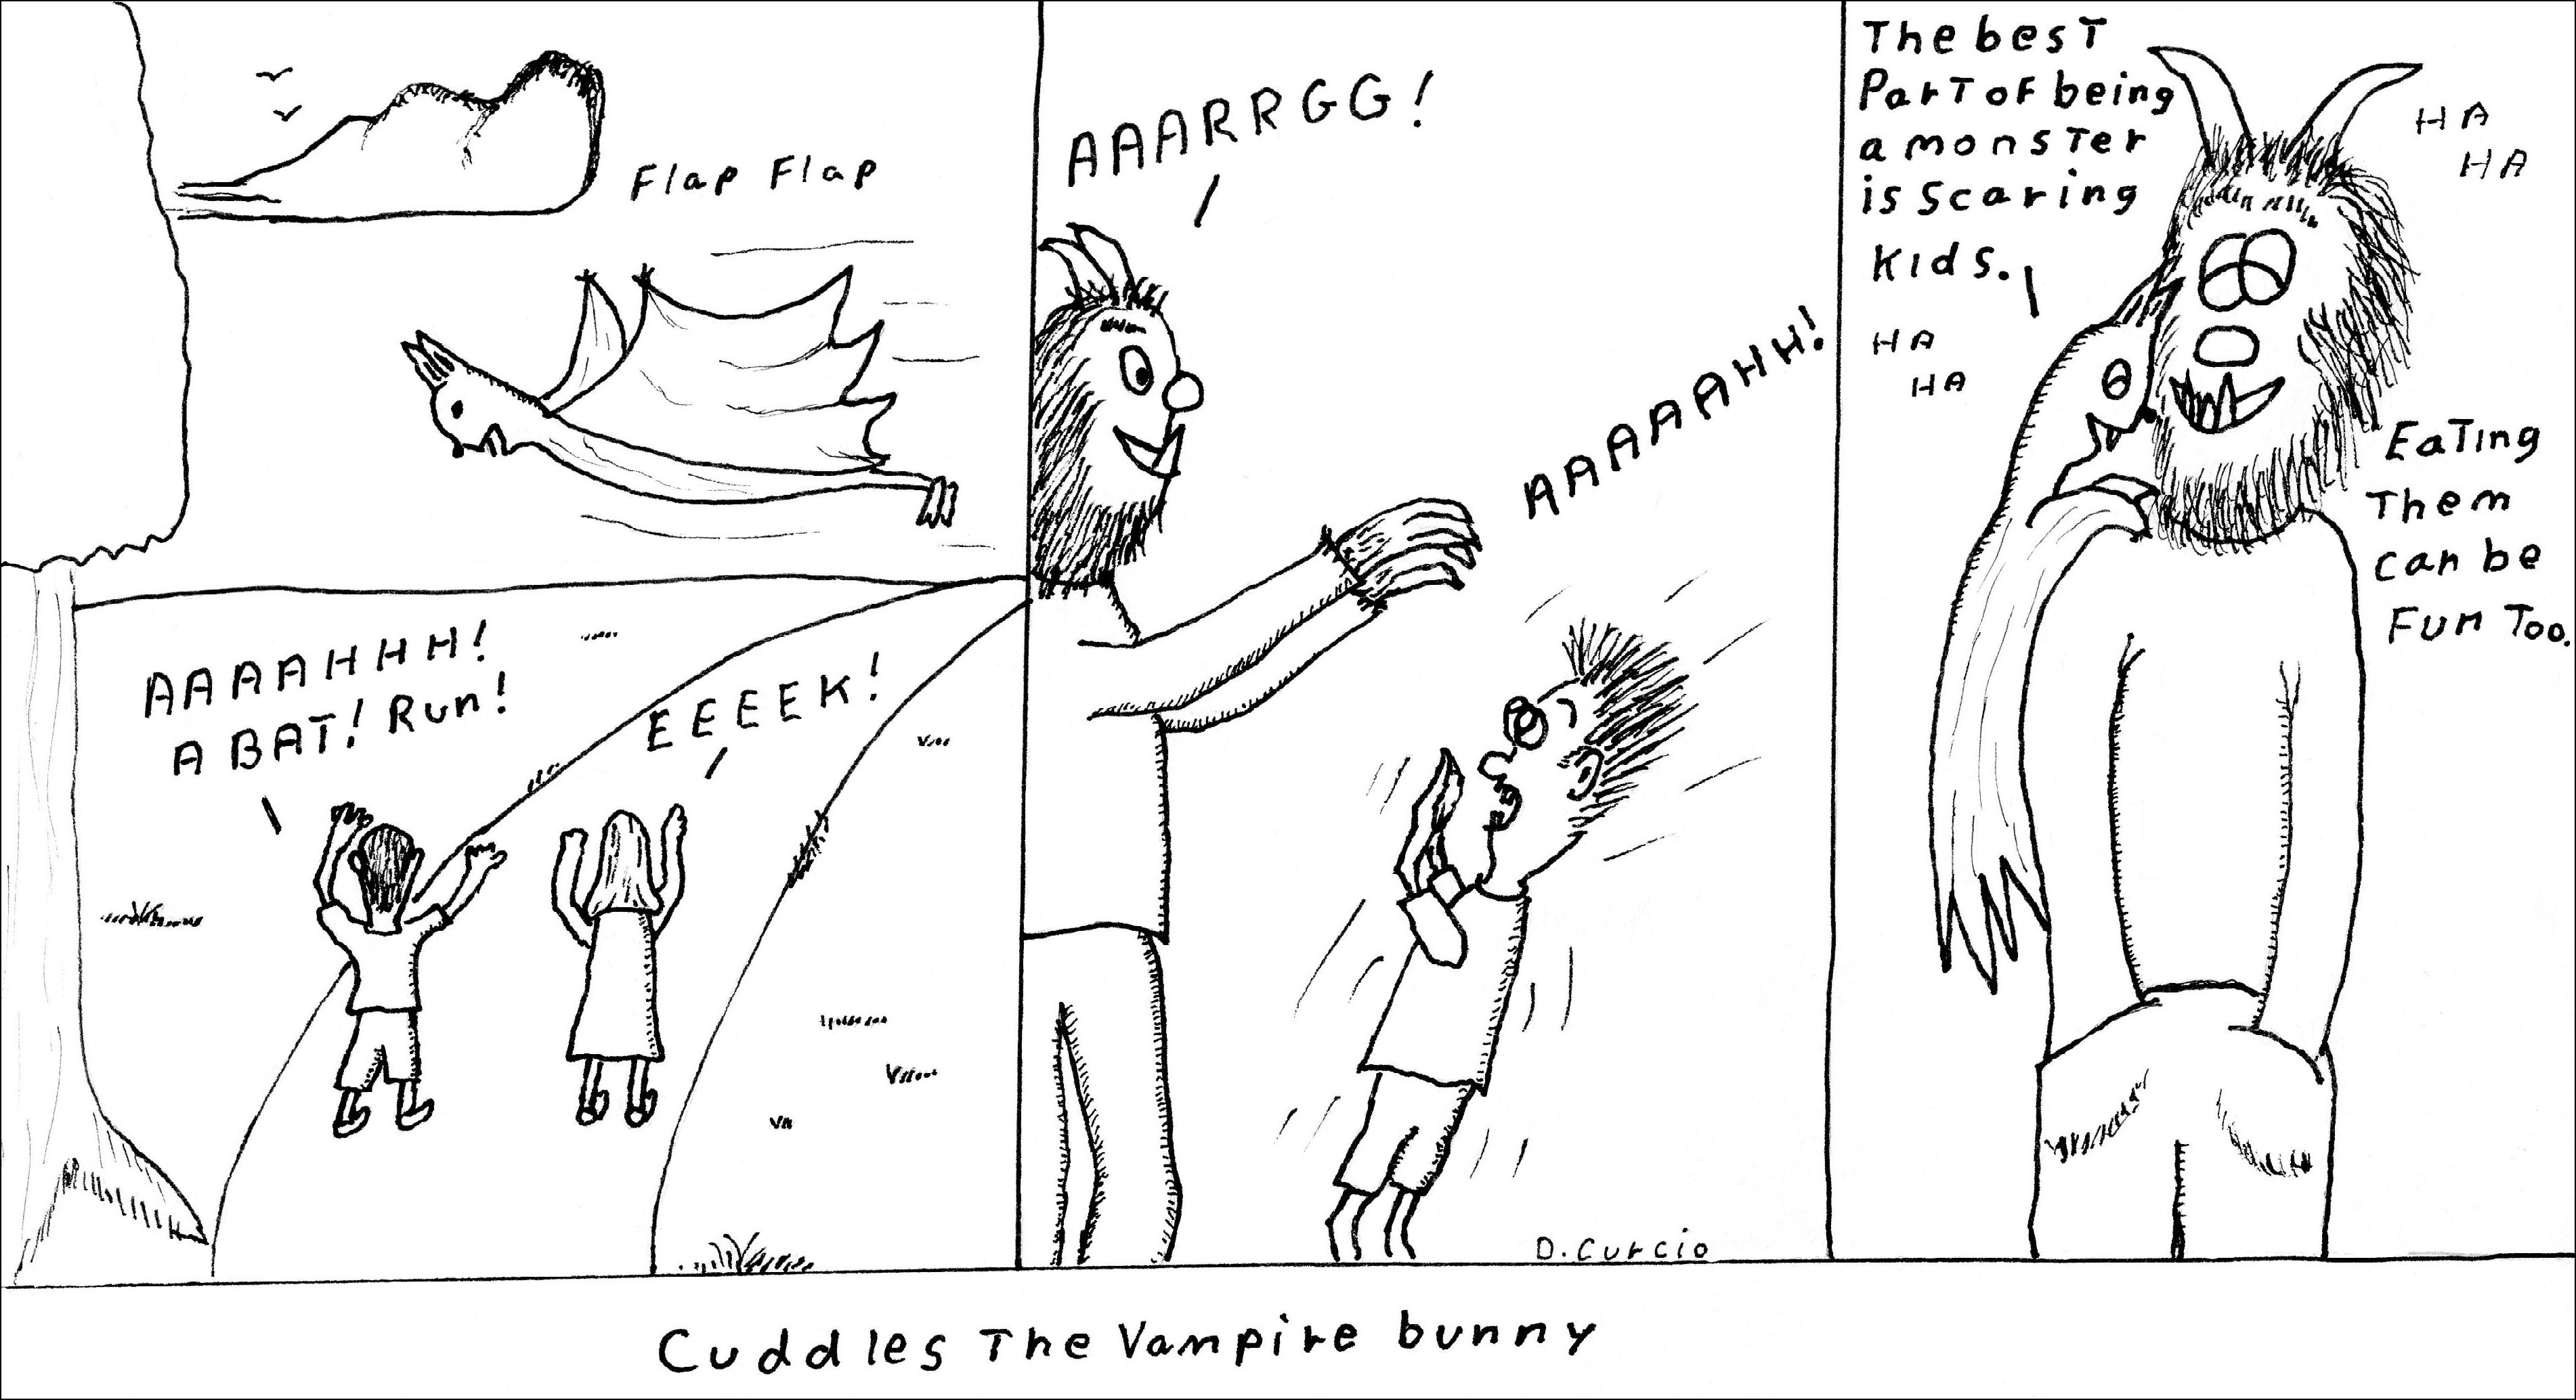 Scaring Children